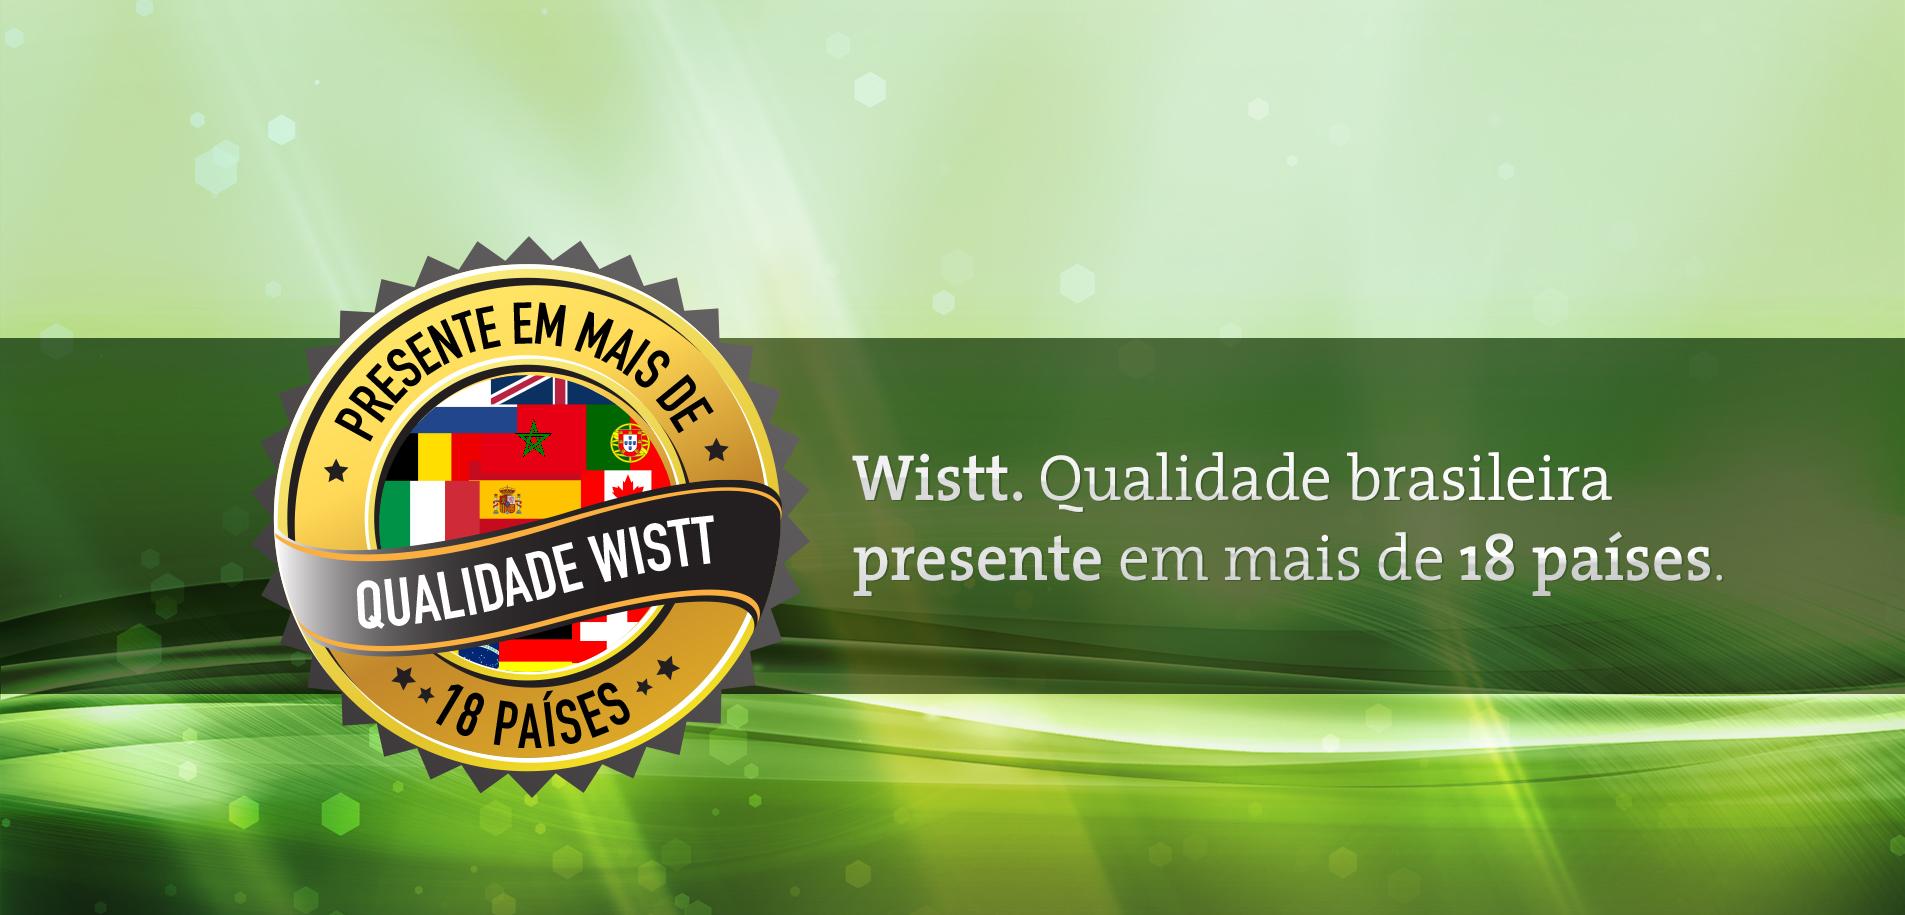 banner-site-wistt-QUALIDADEPRESENTE-pt